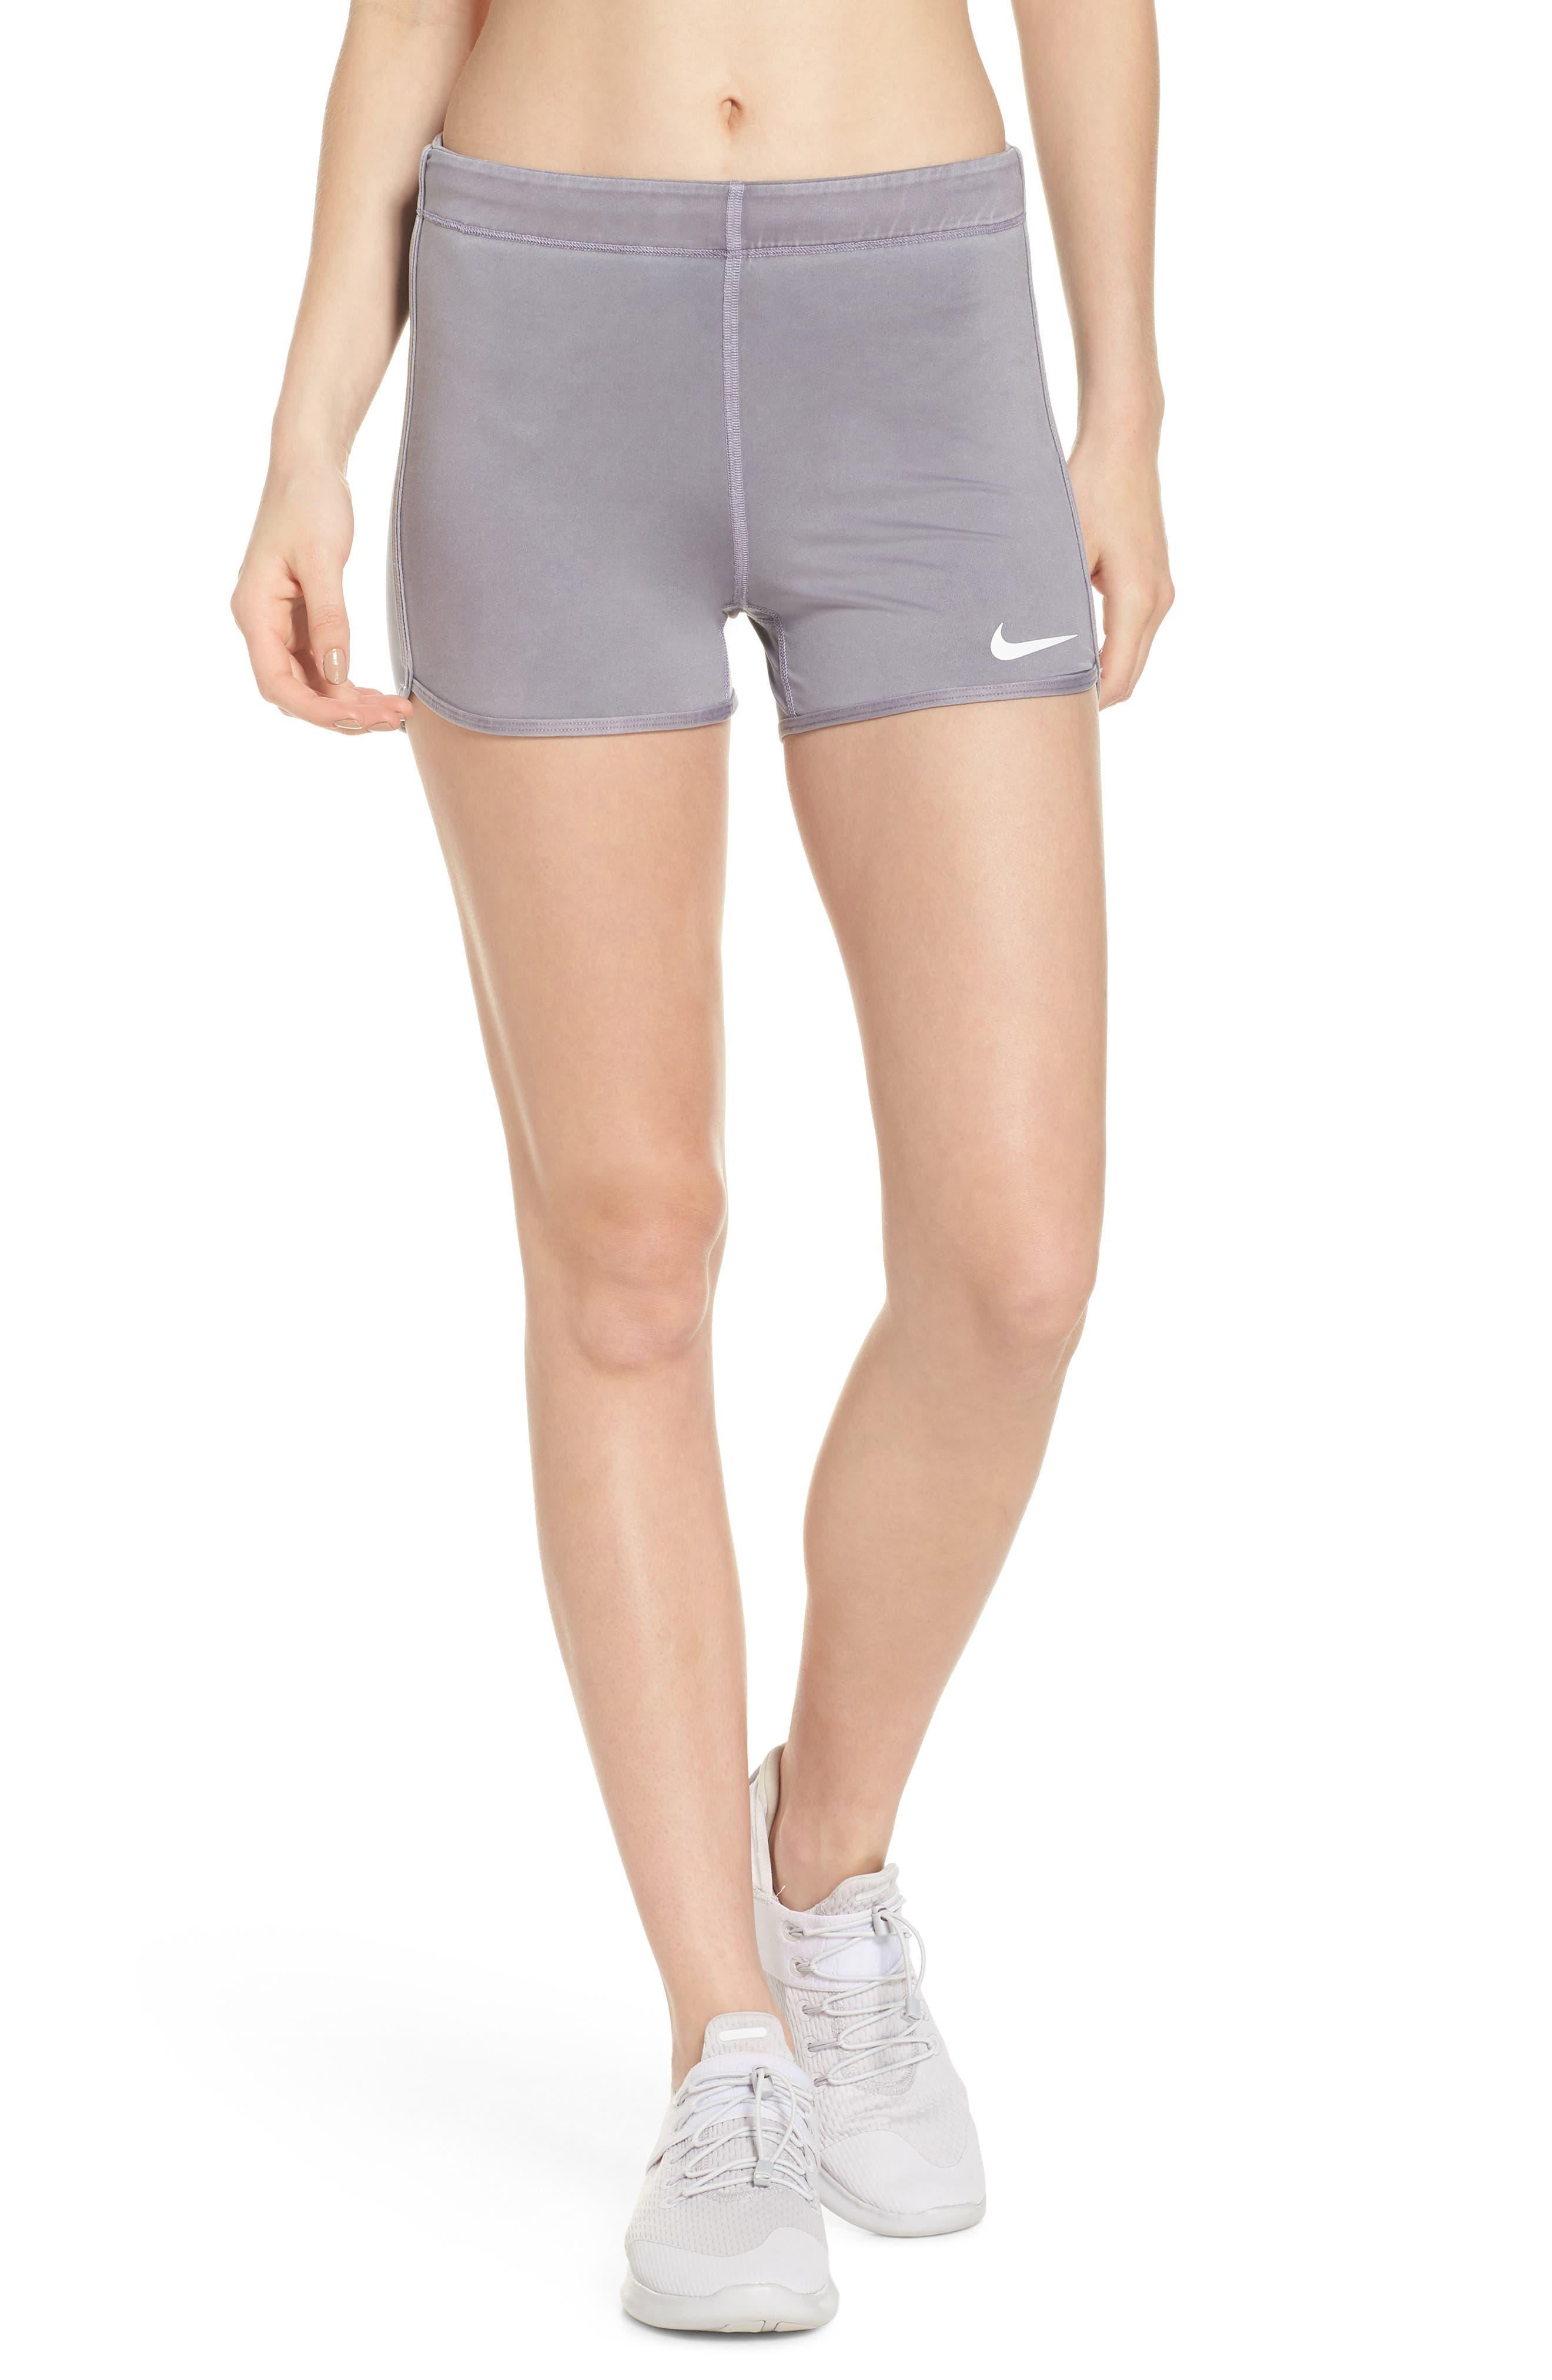 Pro Vintage Shorts,                         Main,                         color, 021